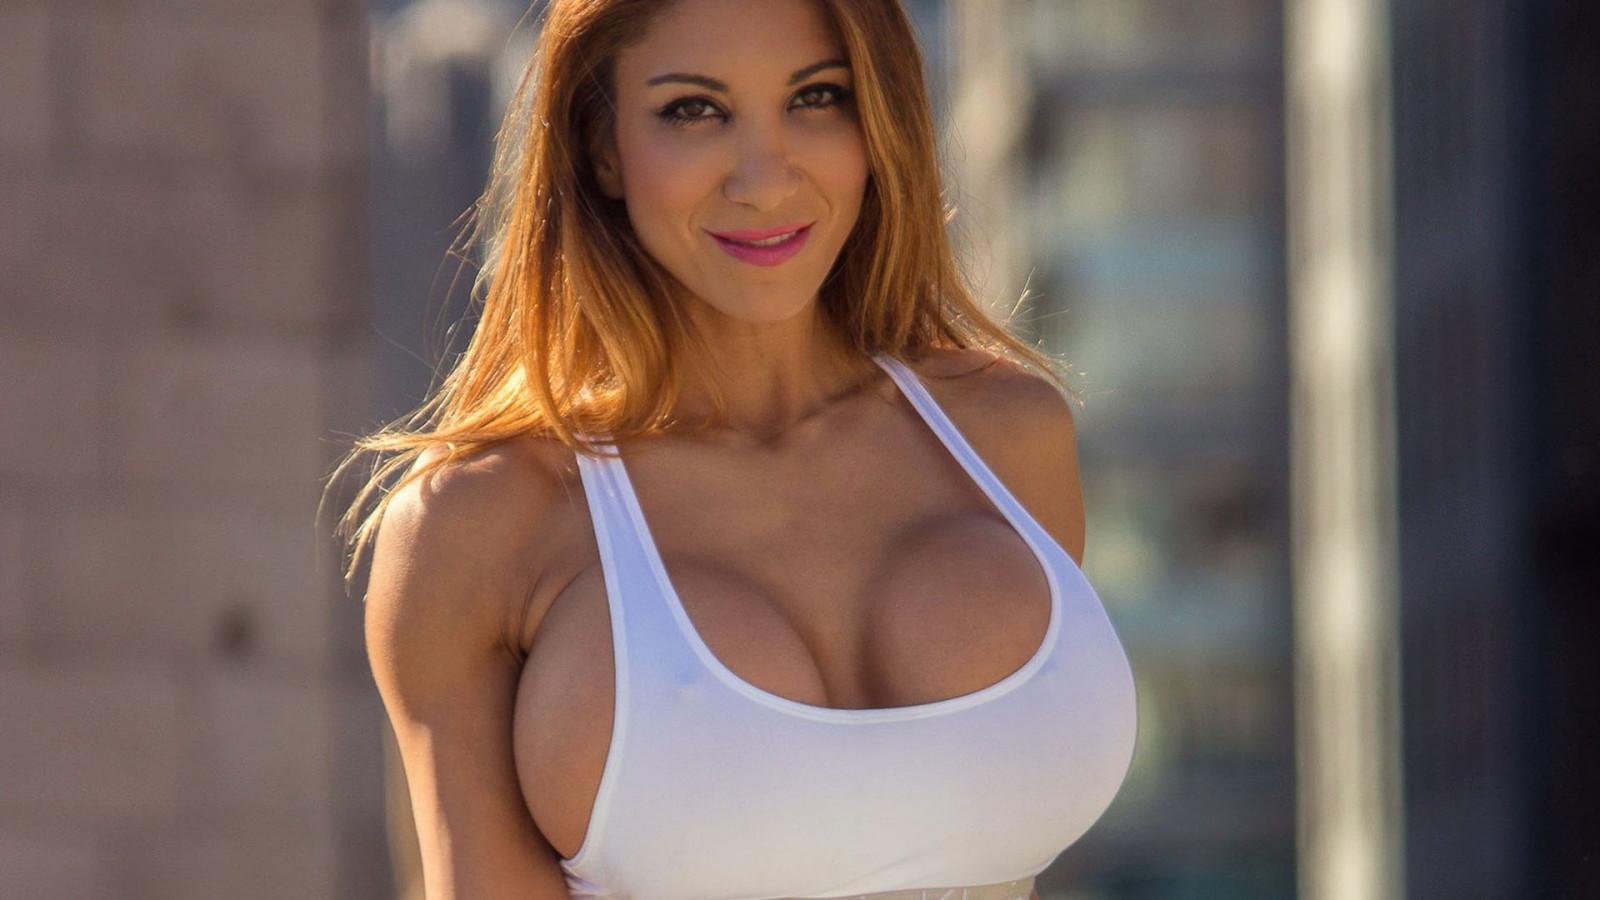 второму большая женская грудь картинки уже